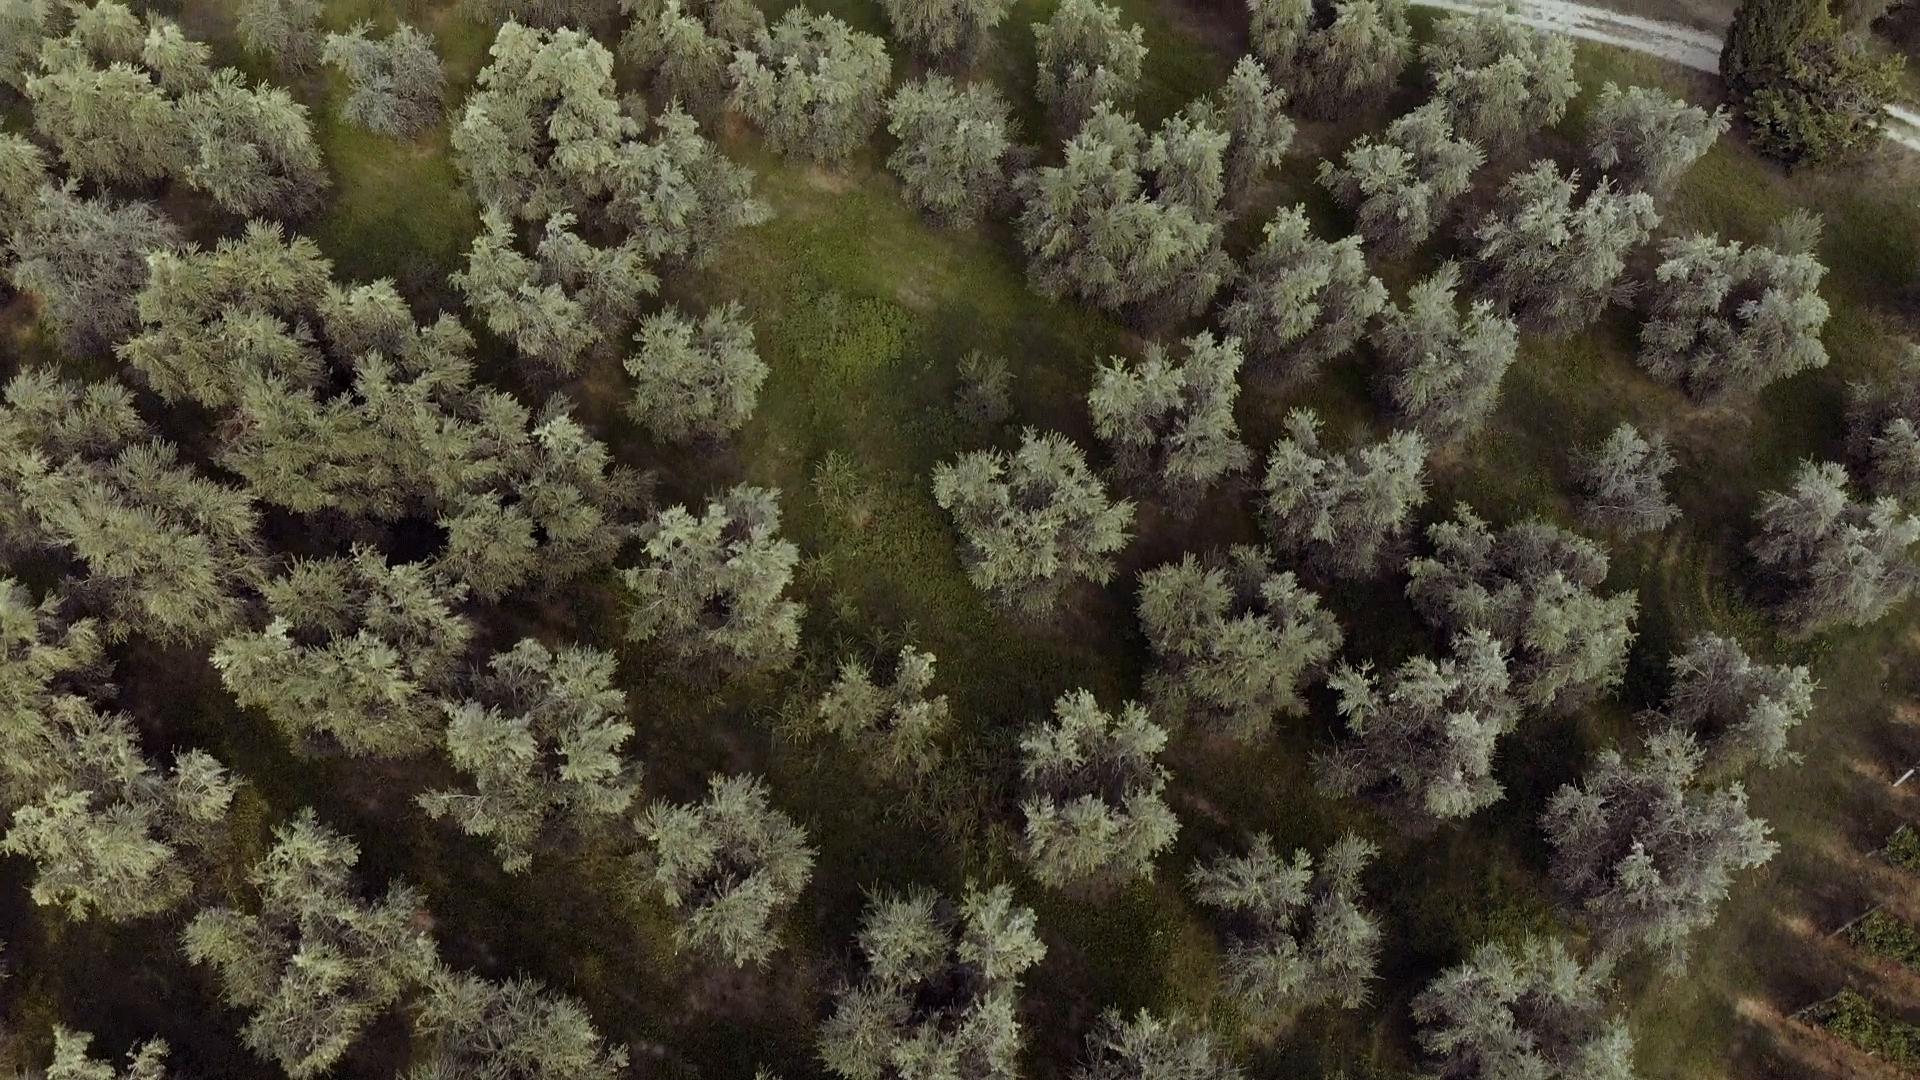 Una visione del Garda attraverso i suoi olivi